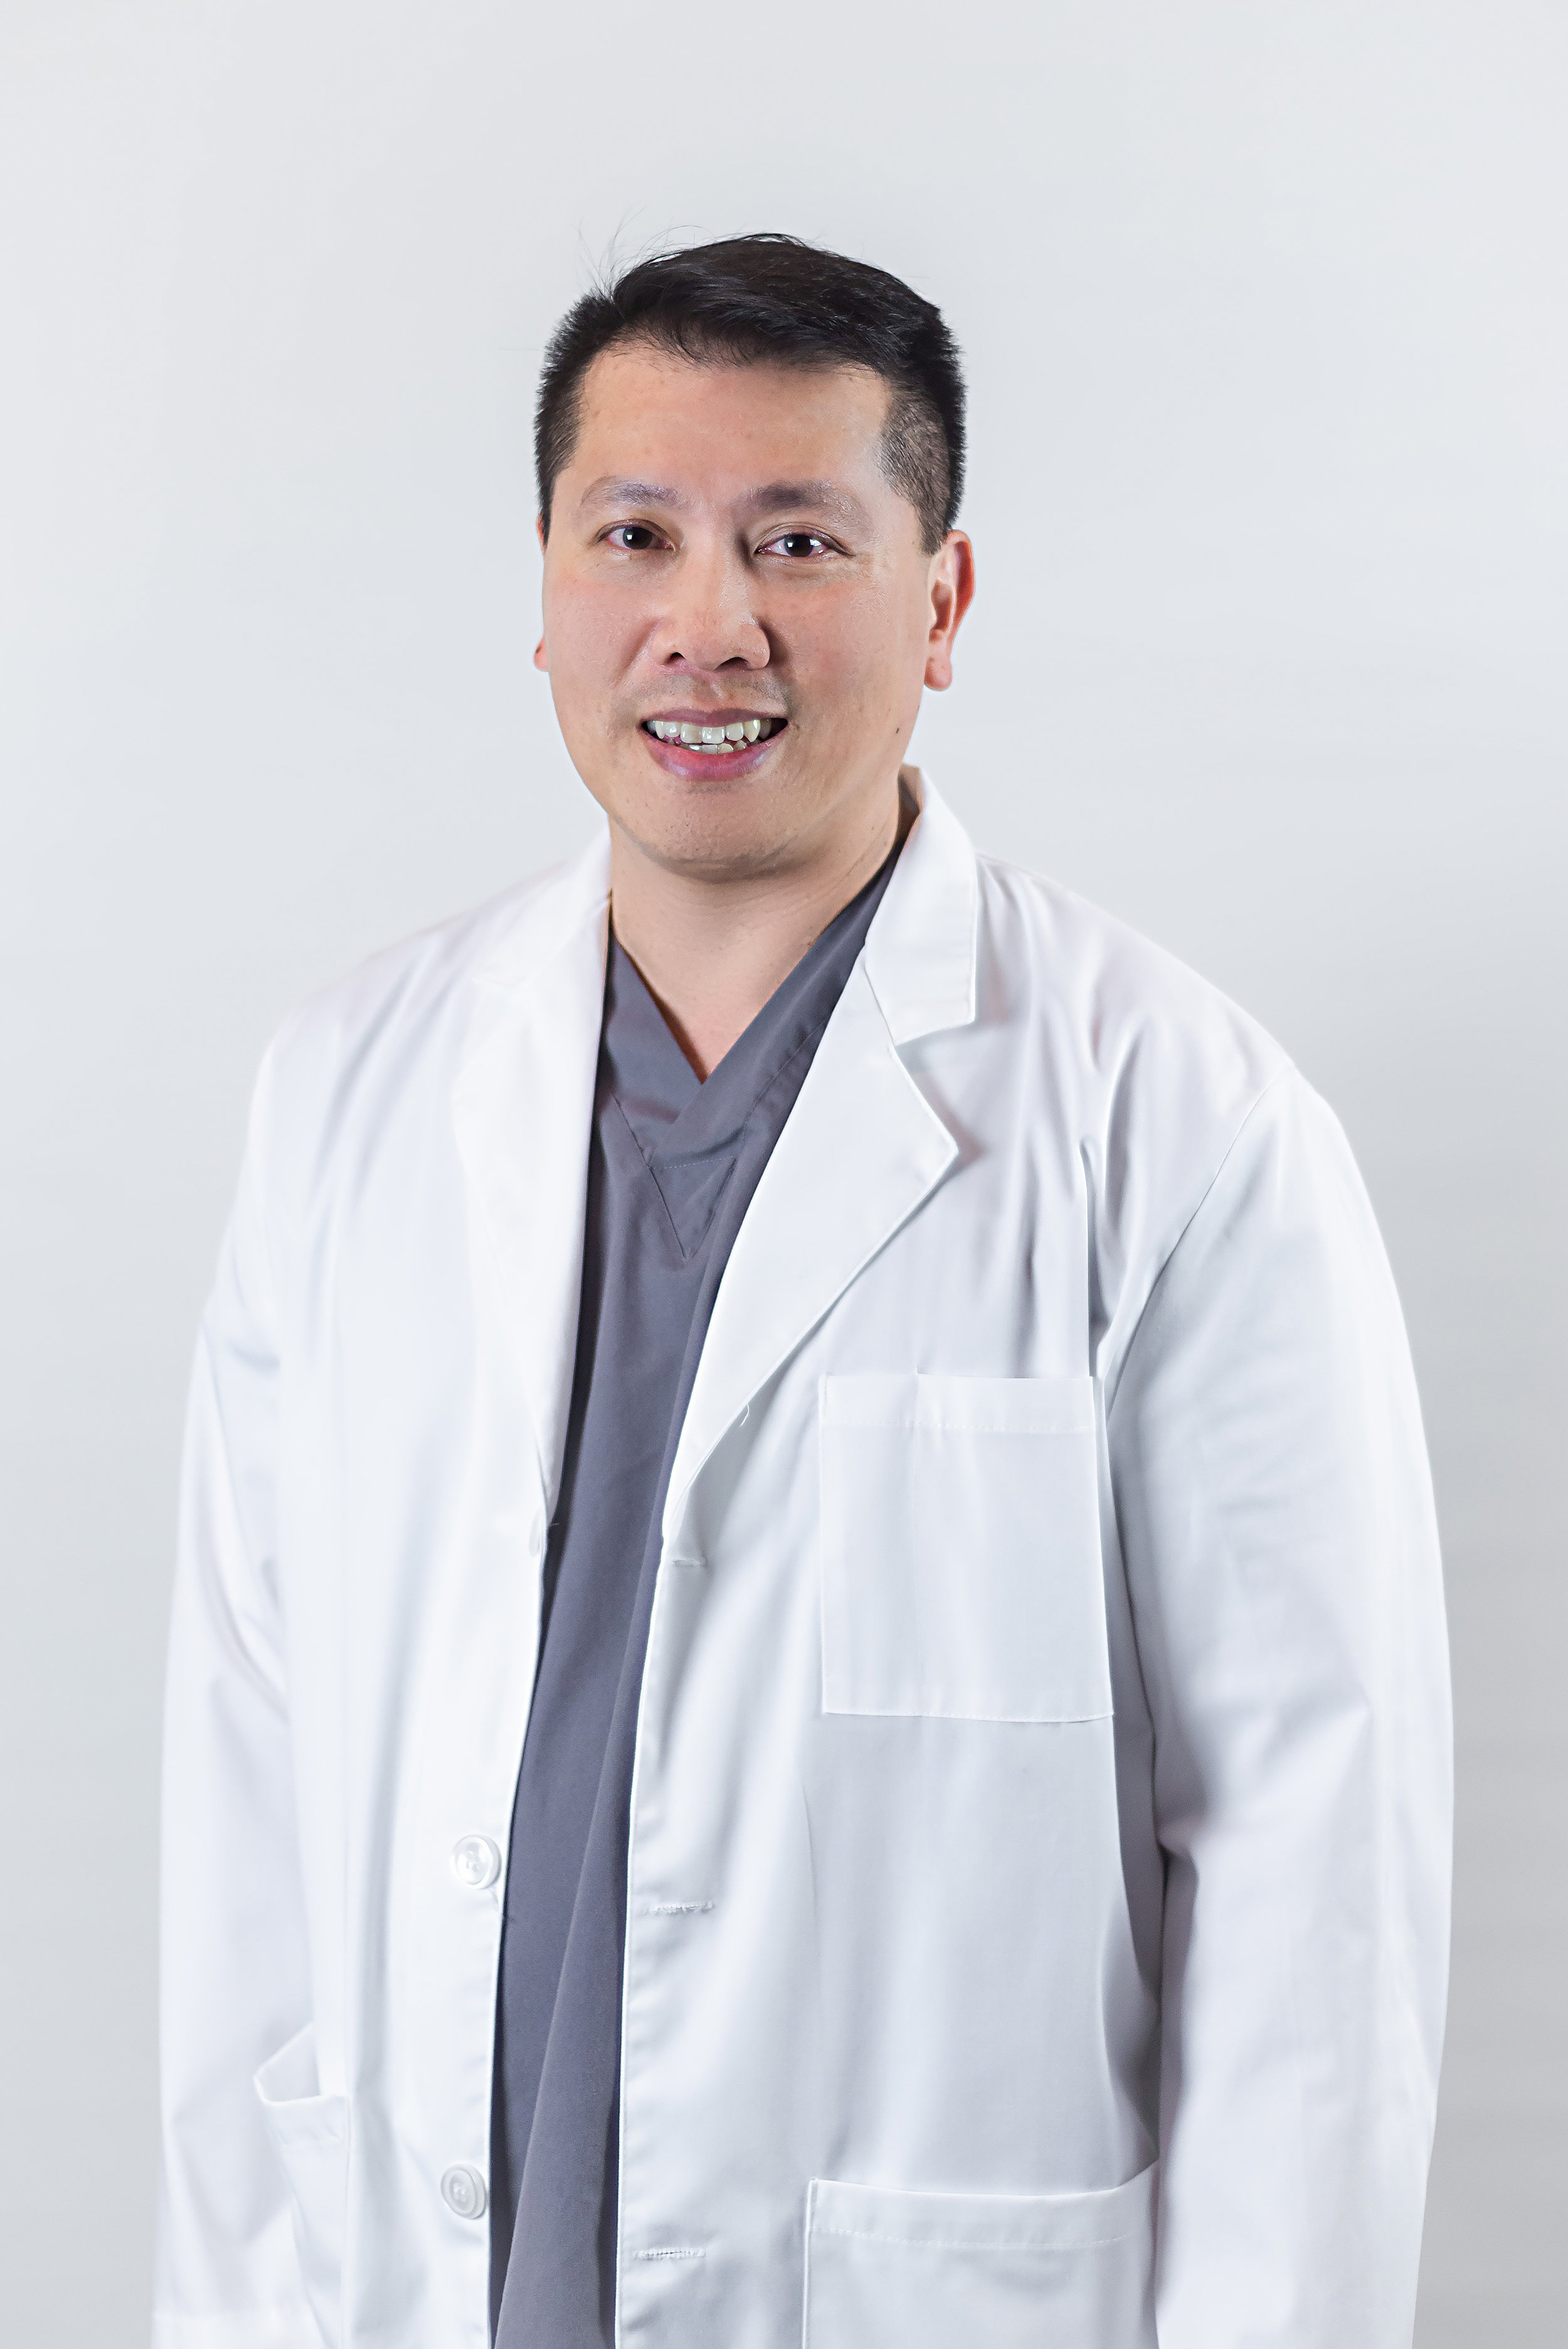 Meet Dr. Ekapoj Thongin at 8 to 8 Dental Care.